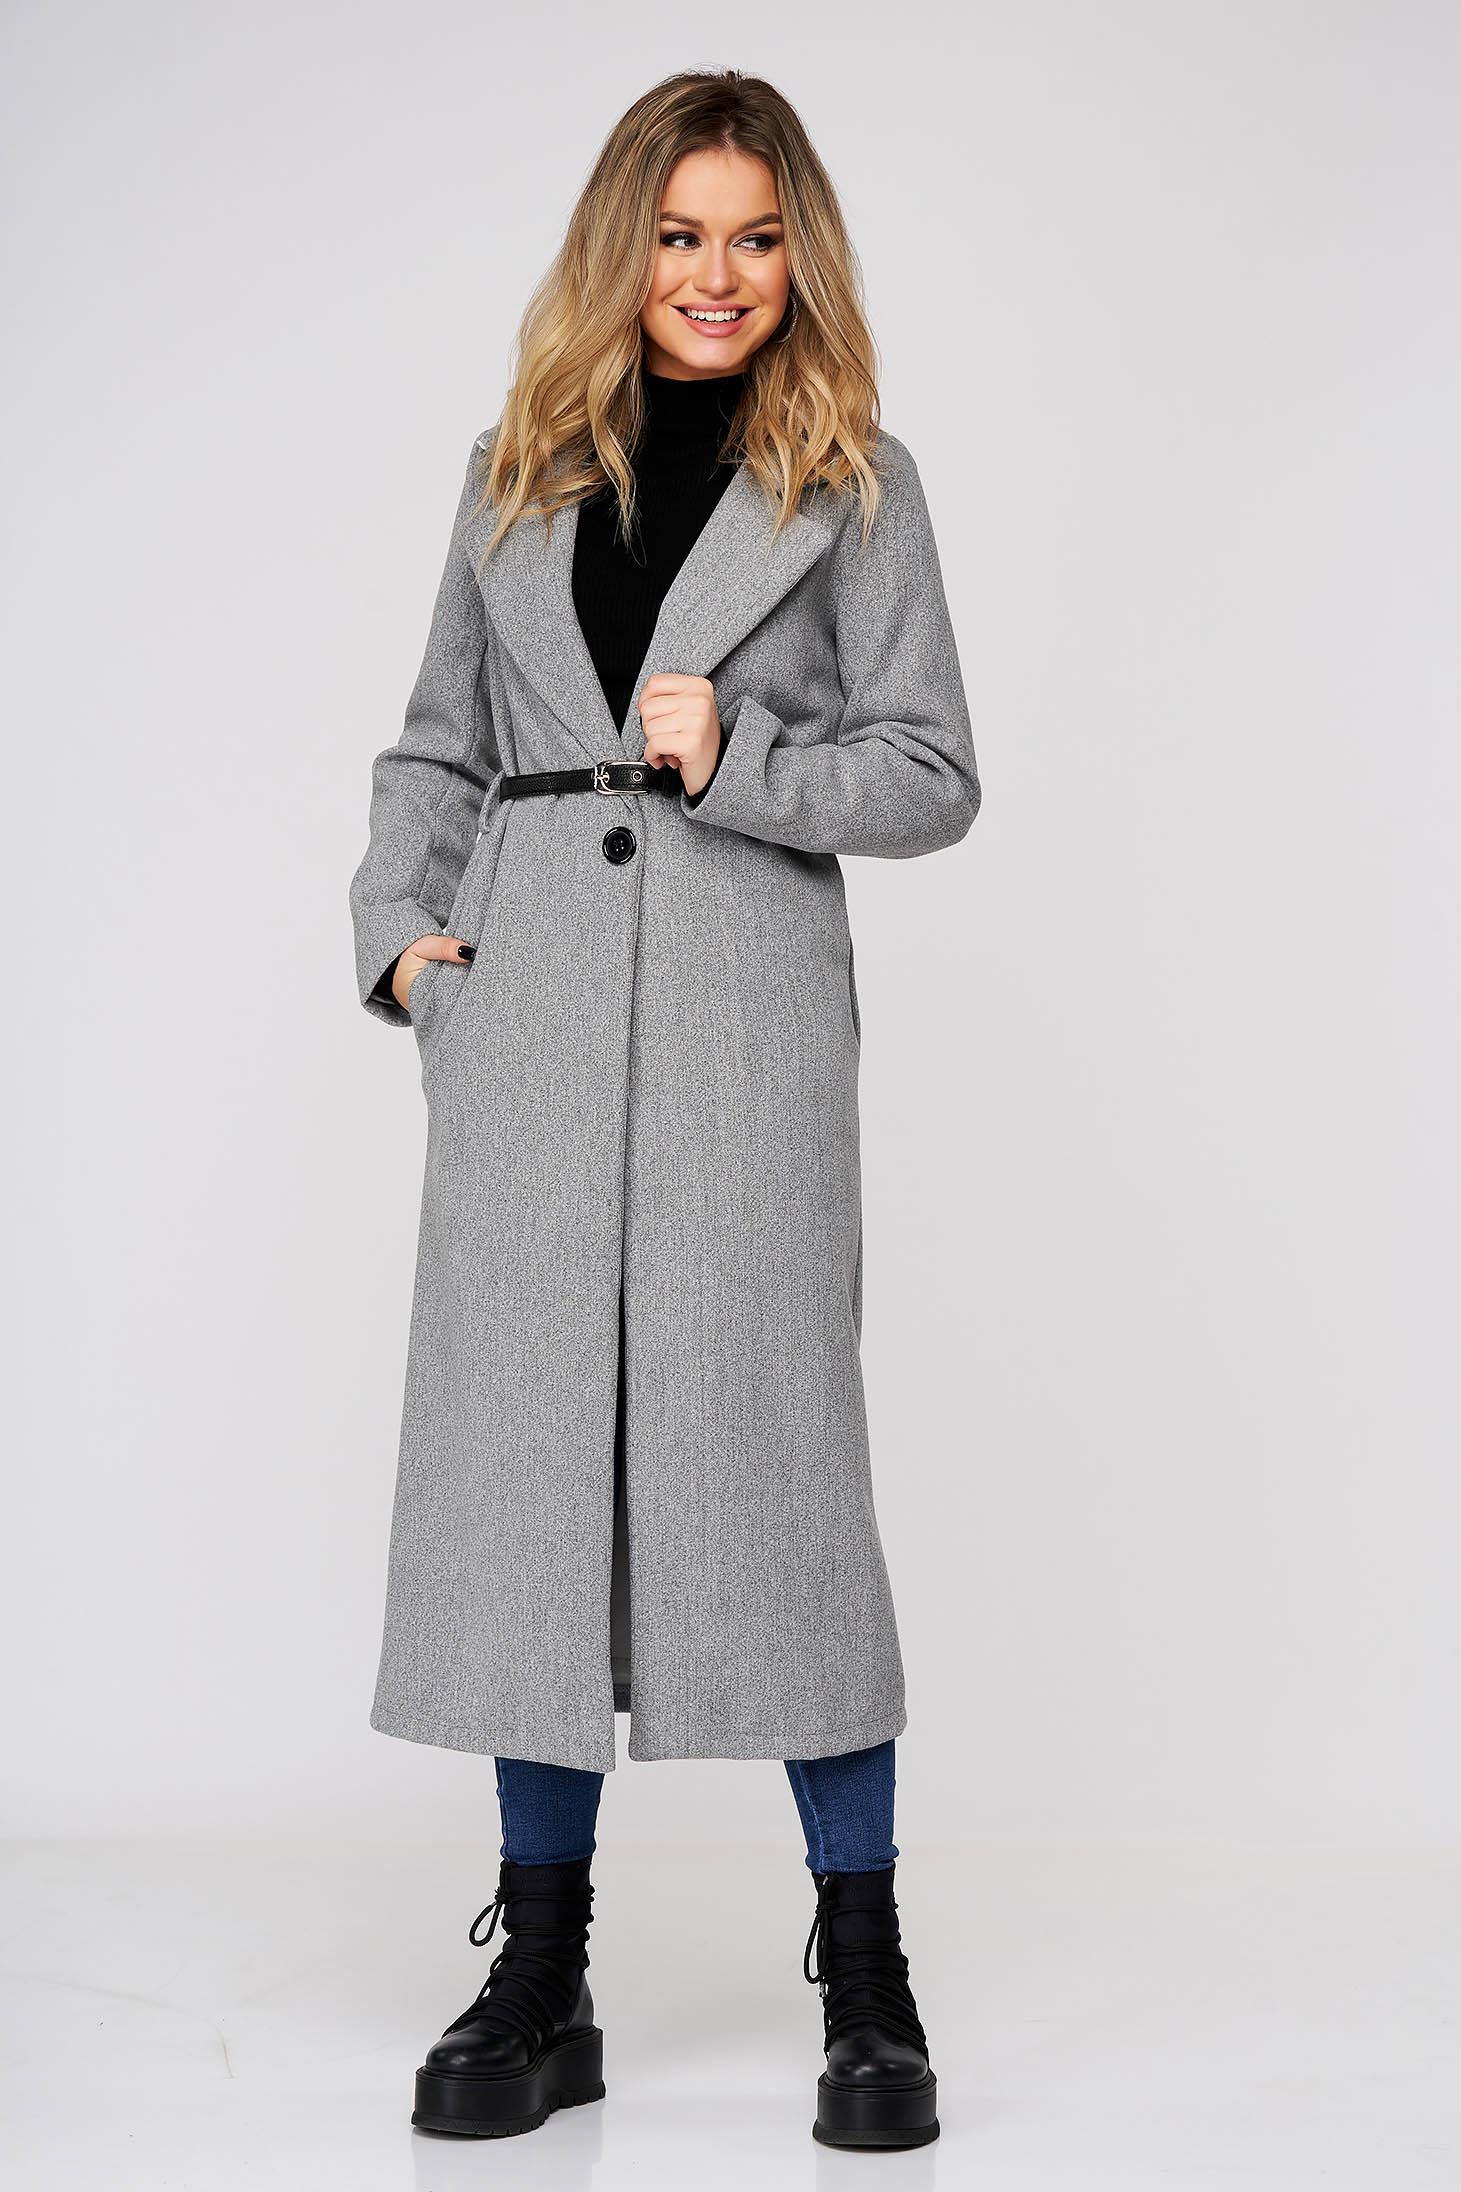 Palton SunShine gri casual lung din stofa cu croi drept cu buzunare si accesoriu tip curea